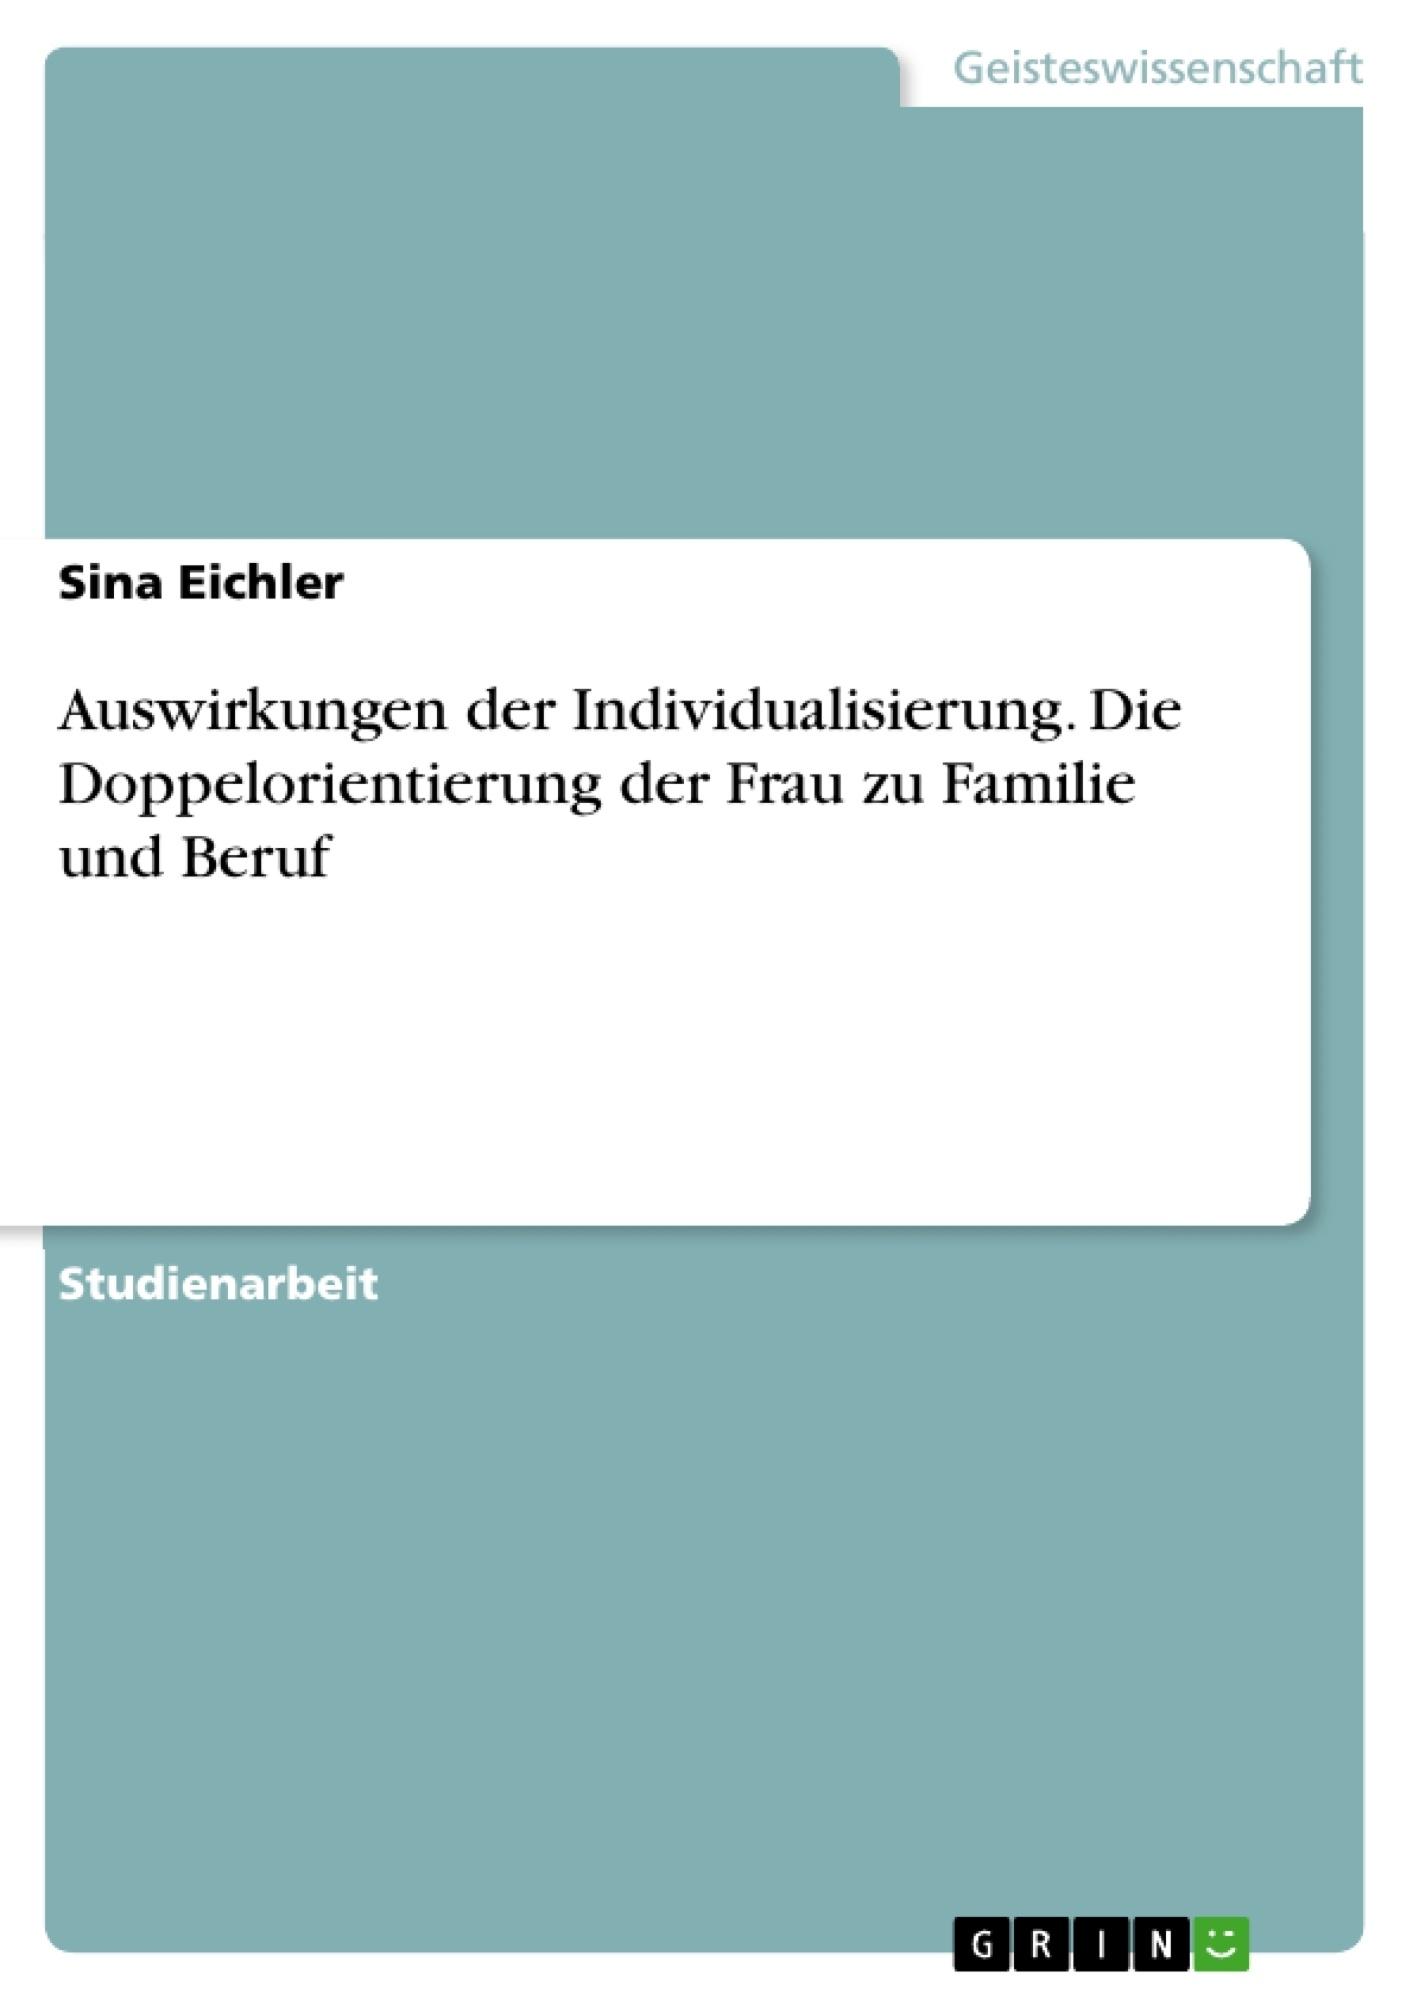 Titel: Auswirkungen der Individualisierung. Die Doppelorientierung der Frau zu Familie und Beruf